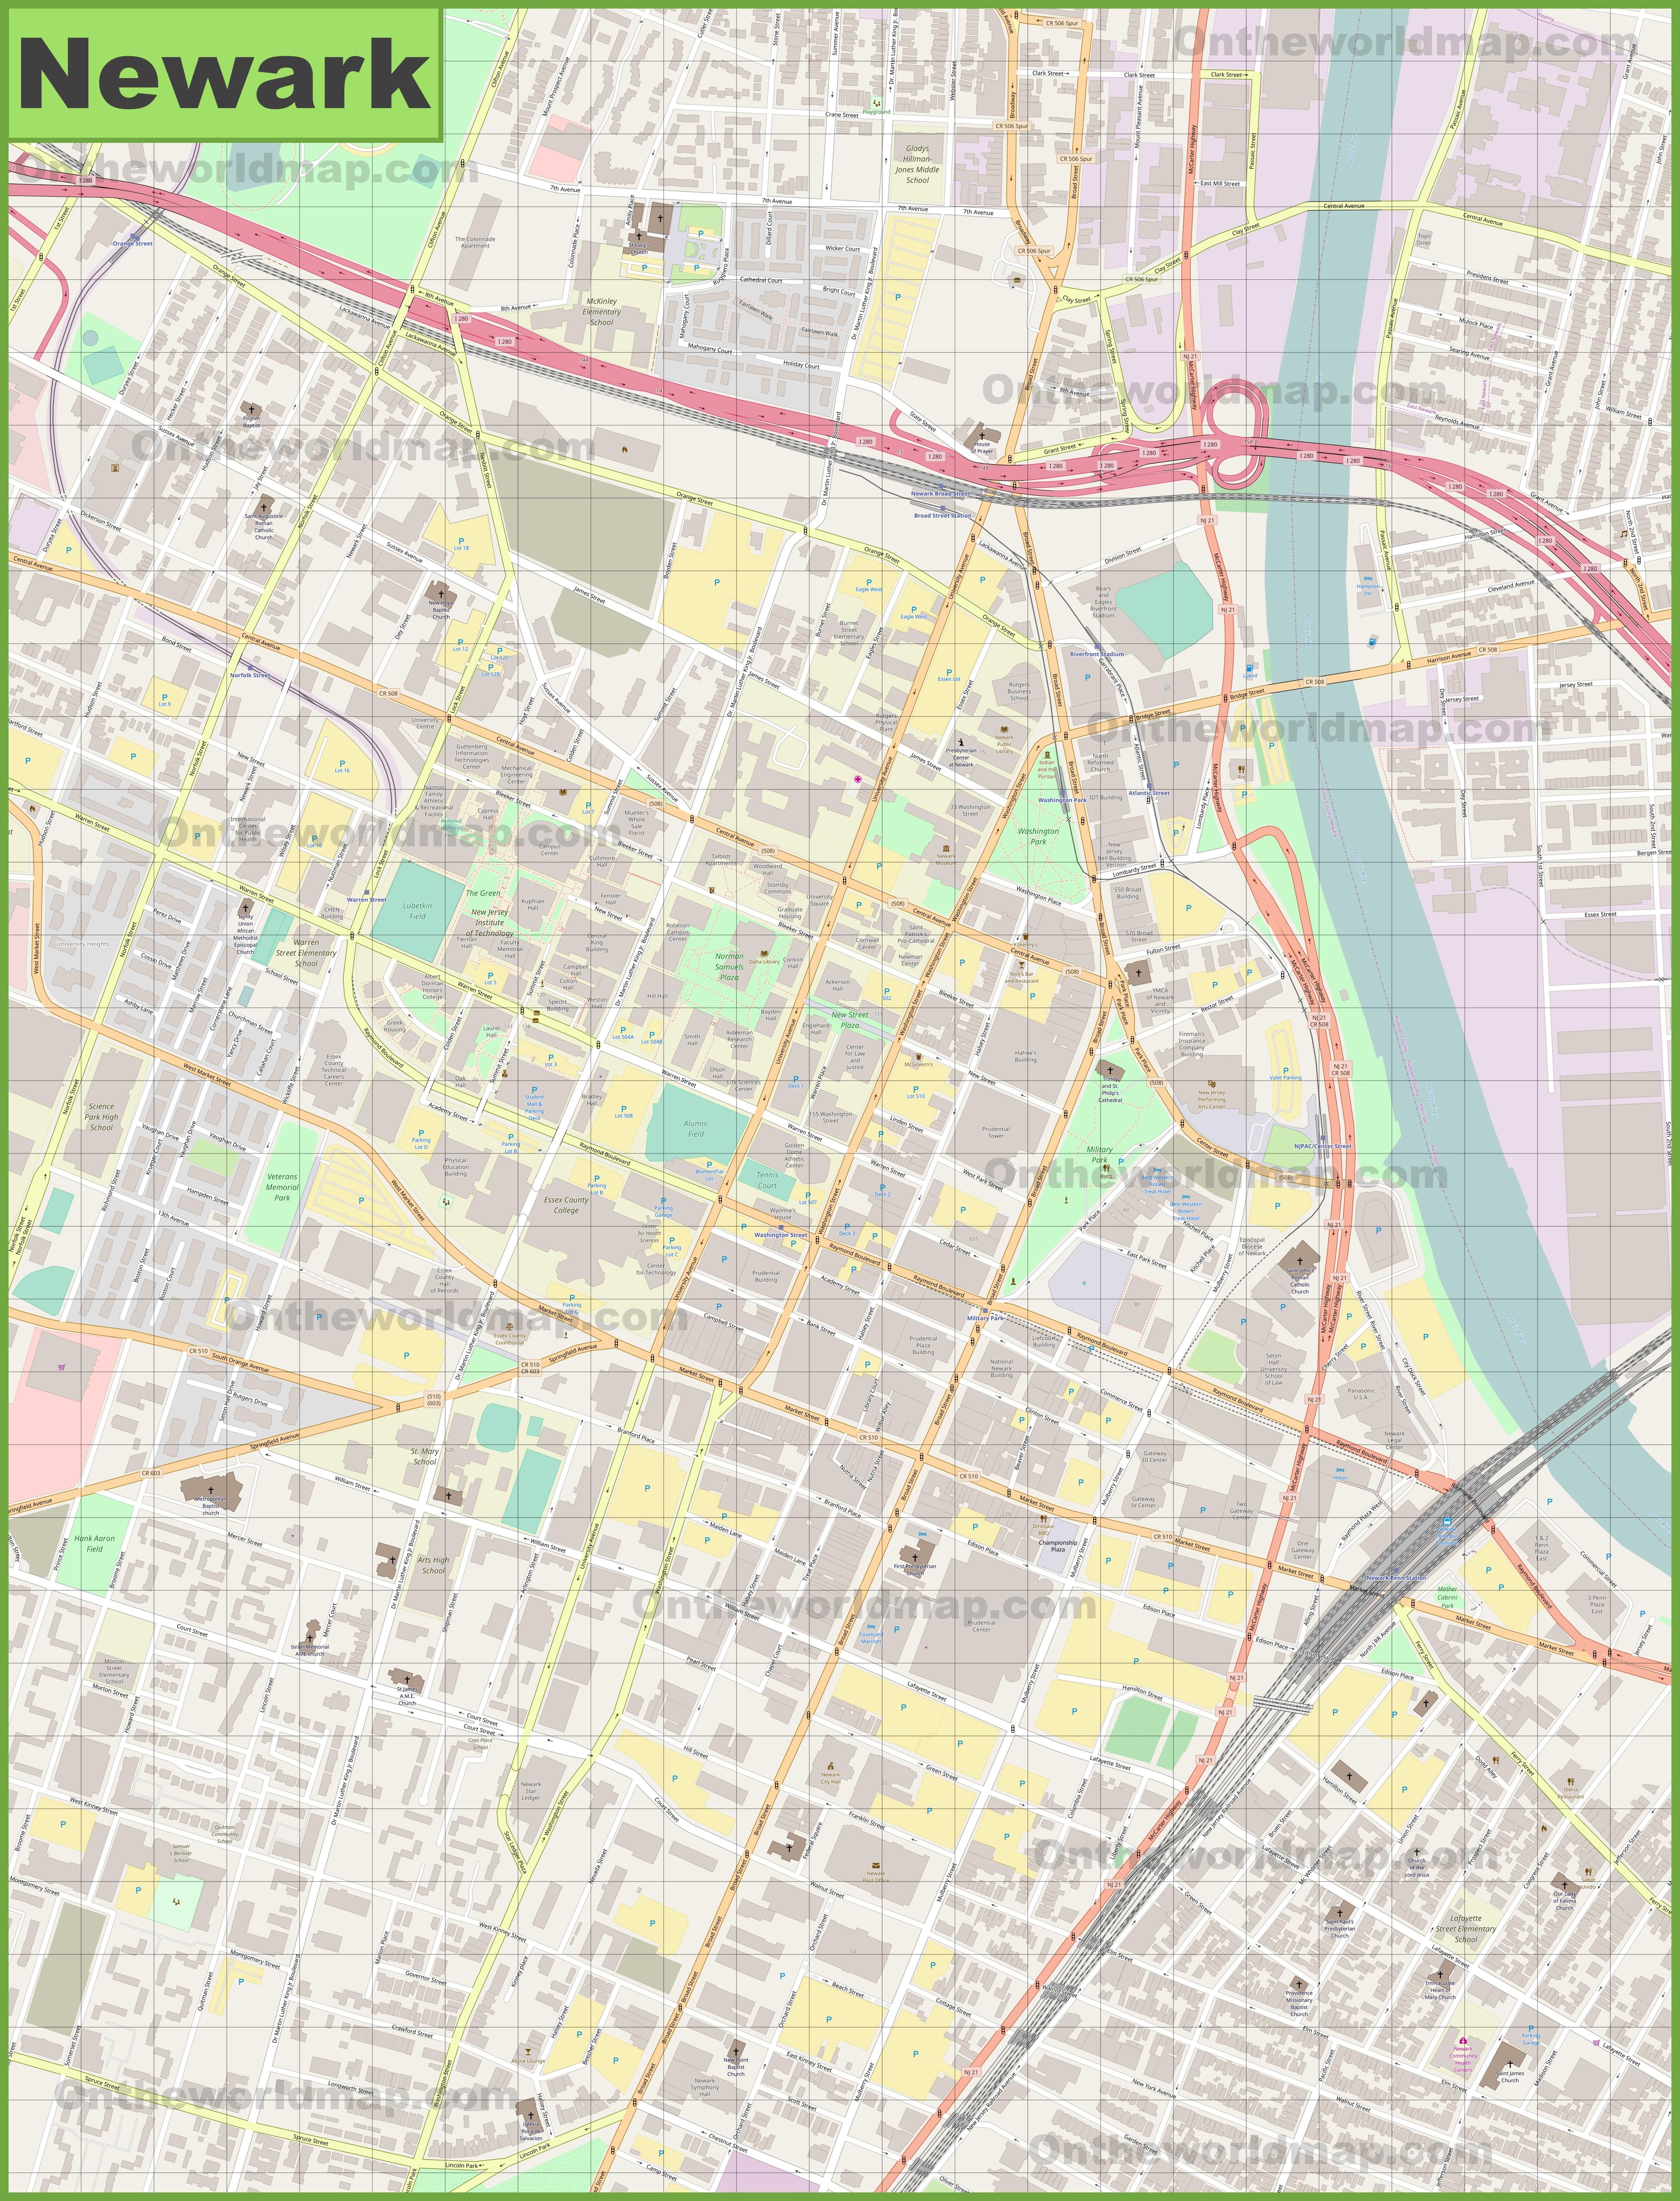 Newark downtown map